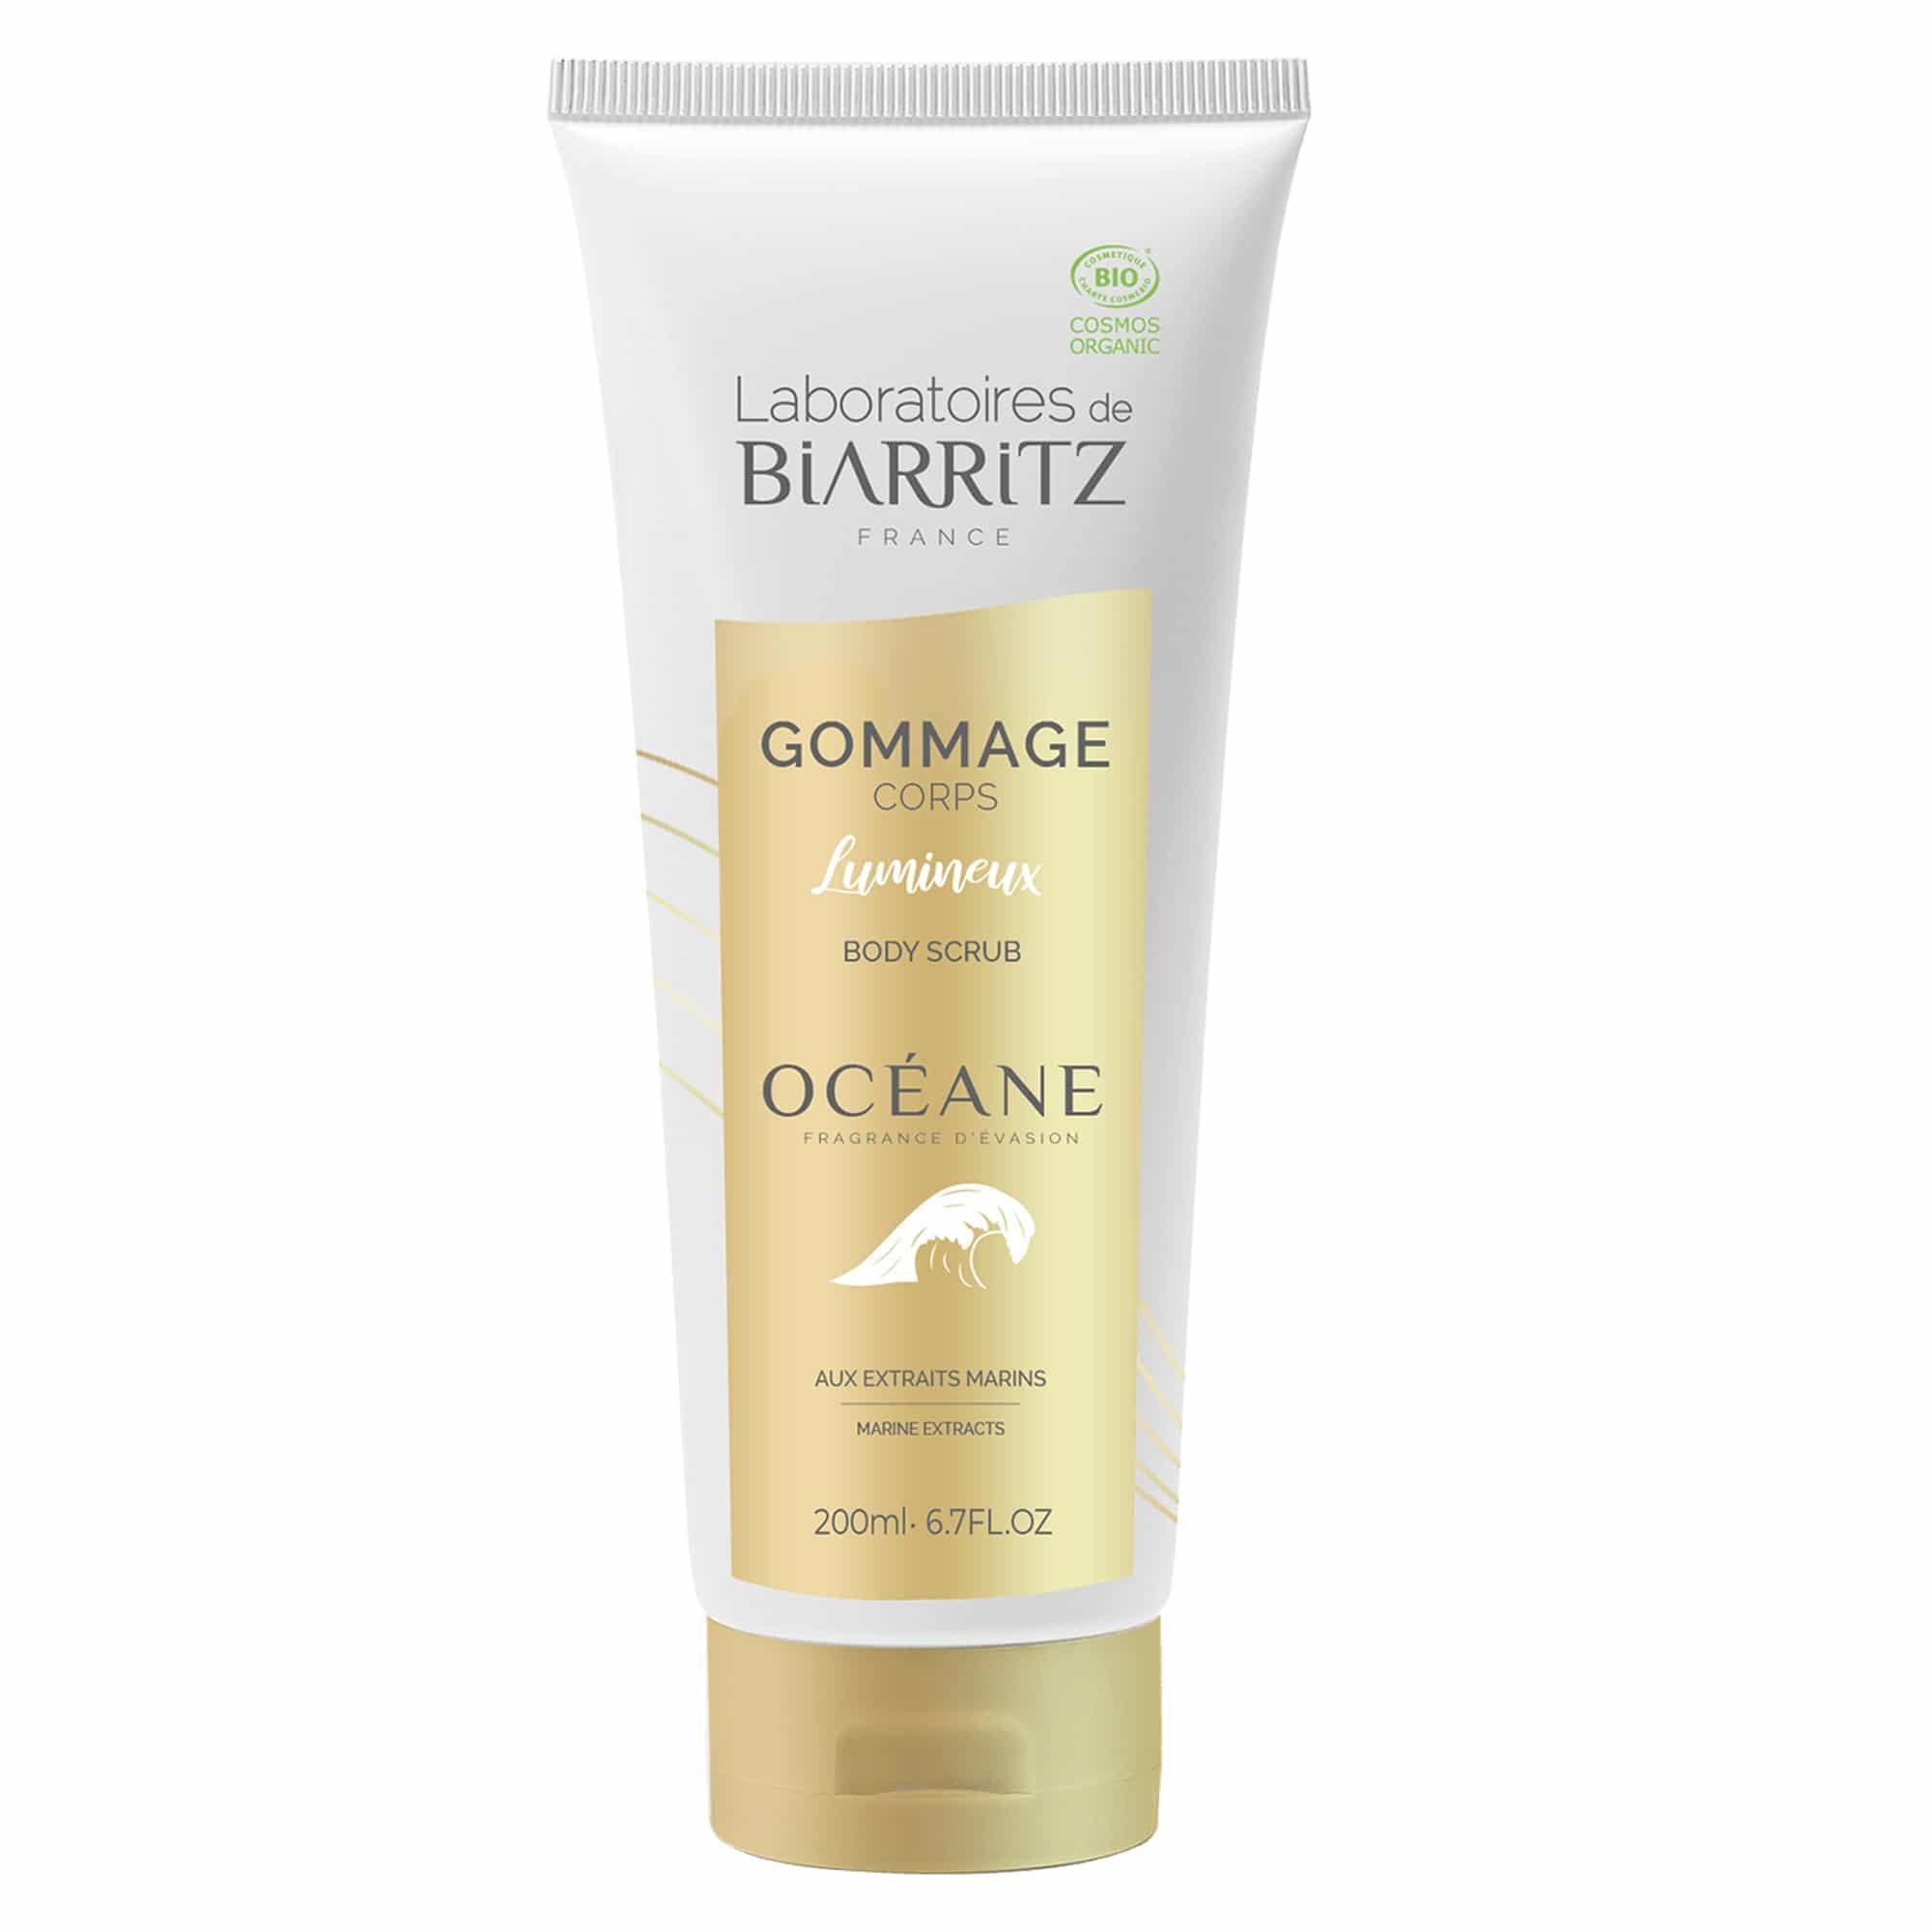 Laboratoires de Biarritz - Gommage certifié Bio